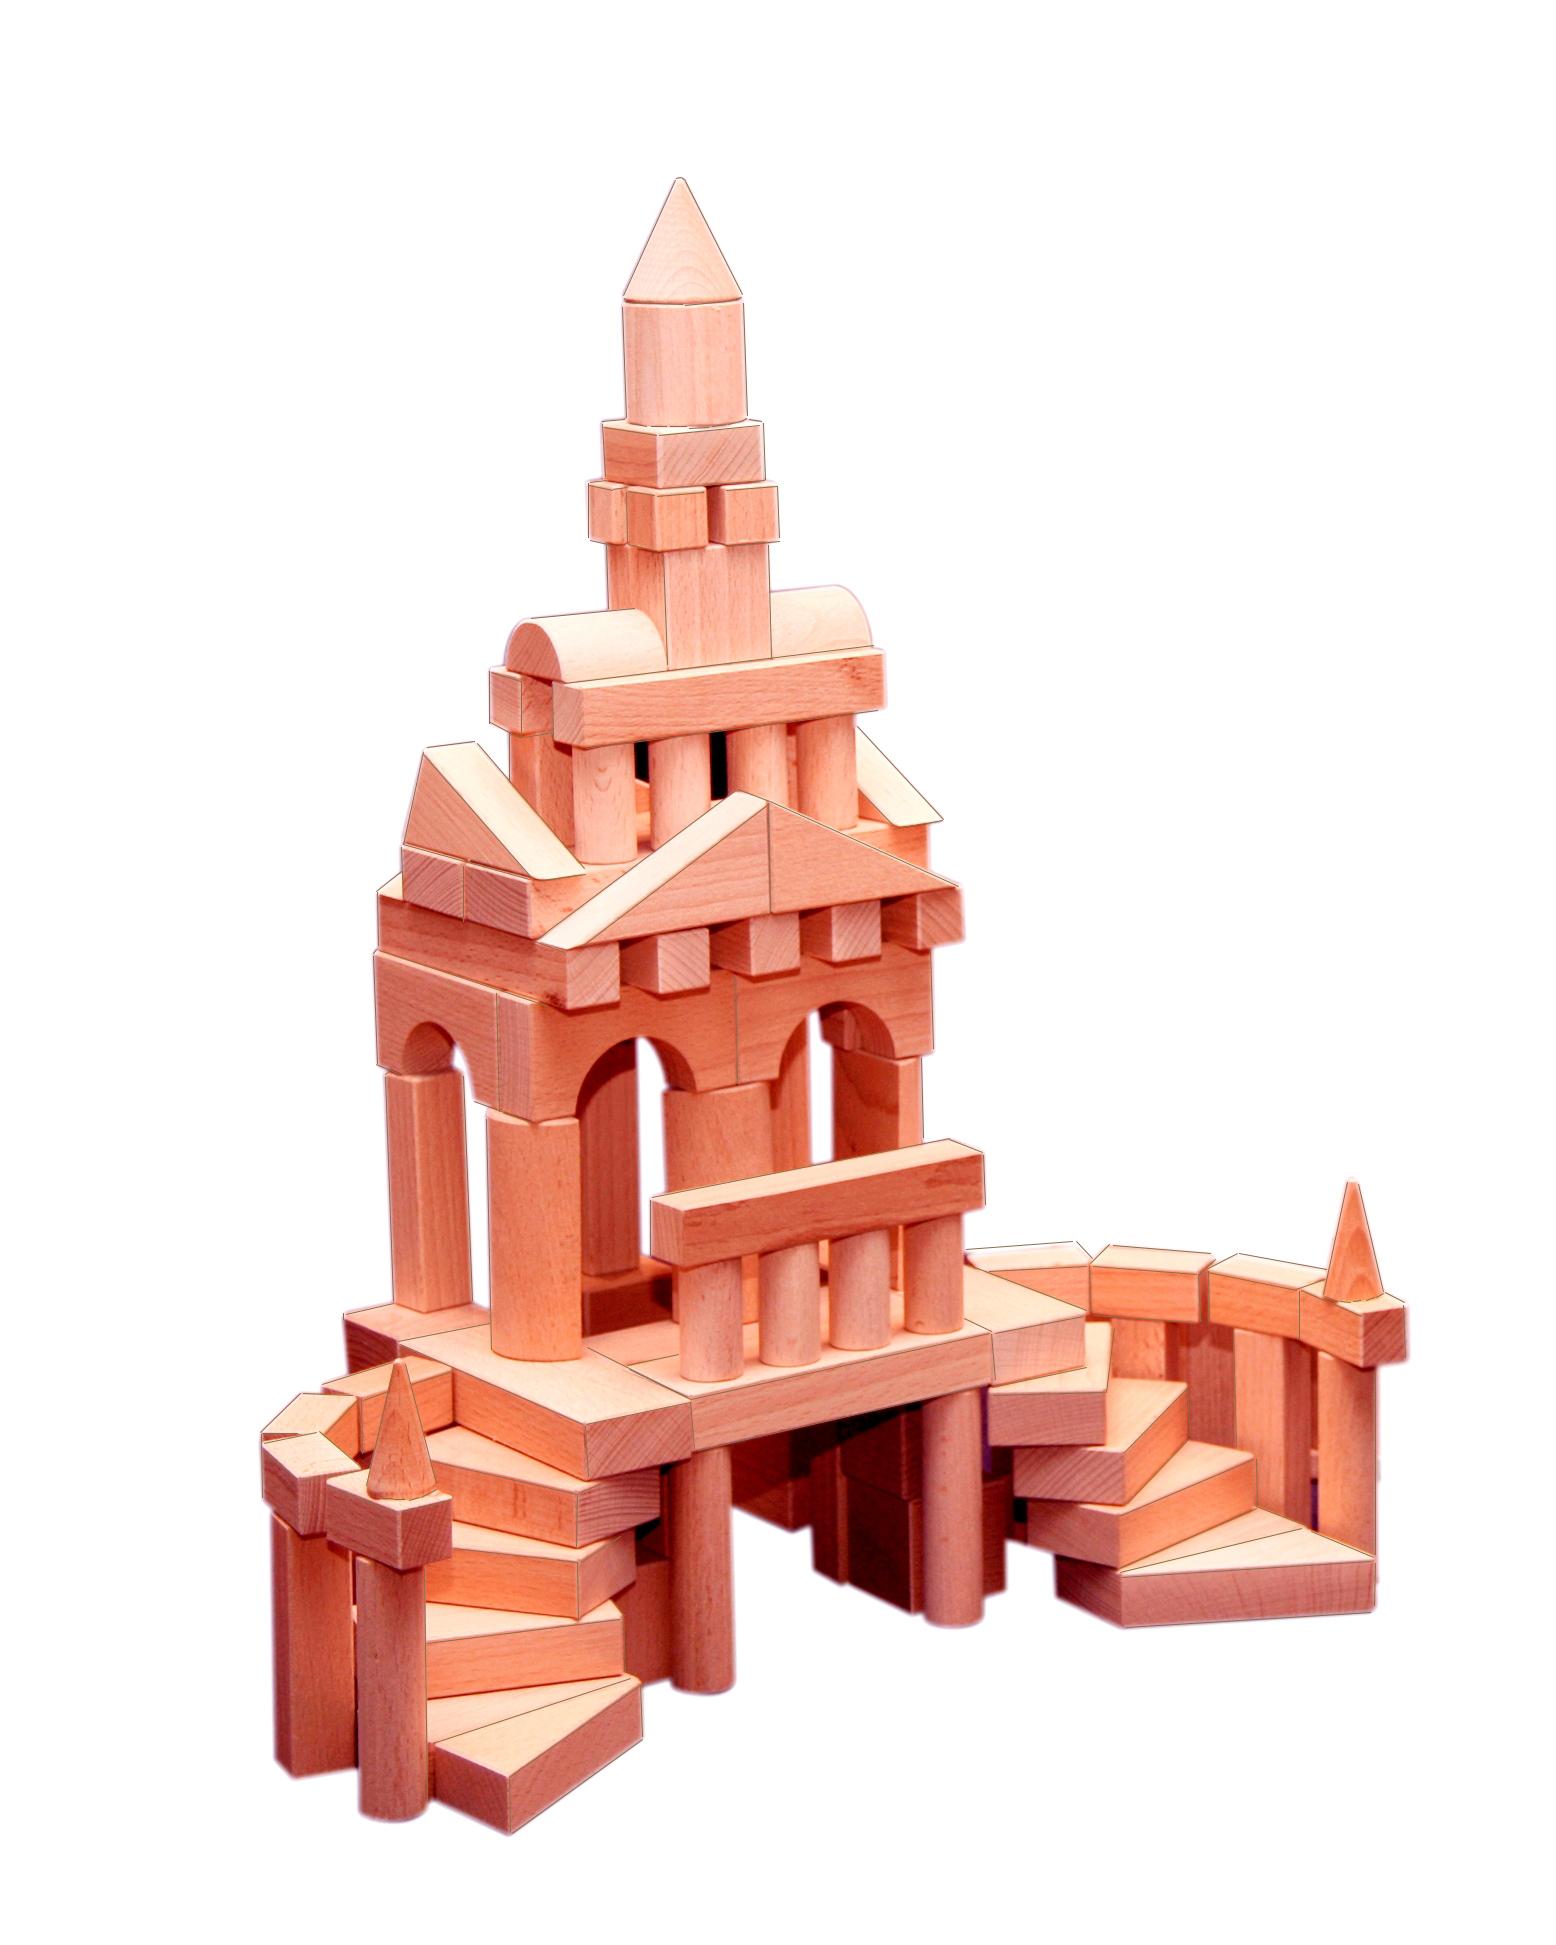 Конструктор деревянный не окрашенный, 150 деталейДеревянный конструктор<br>Конструктор деревянный не окрашенный, 150 деталей<br>